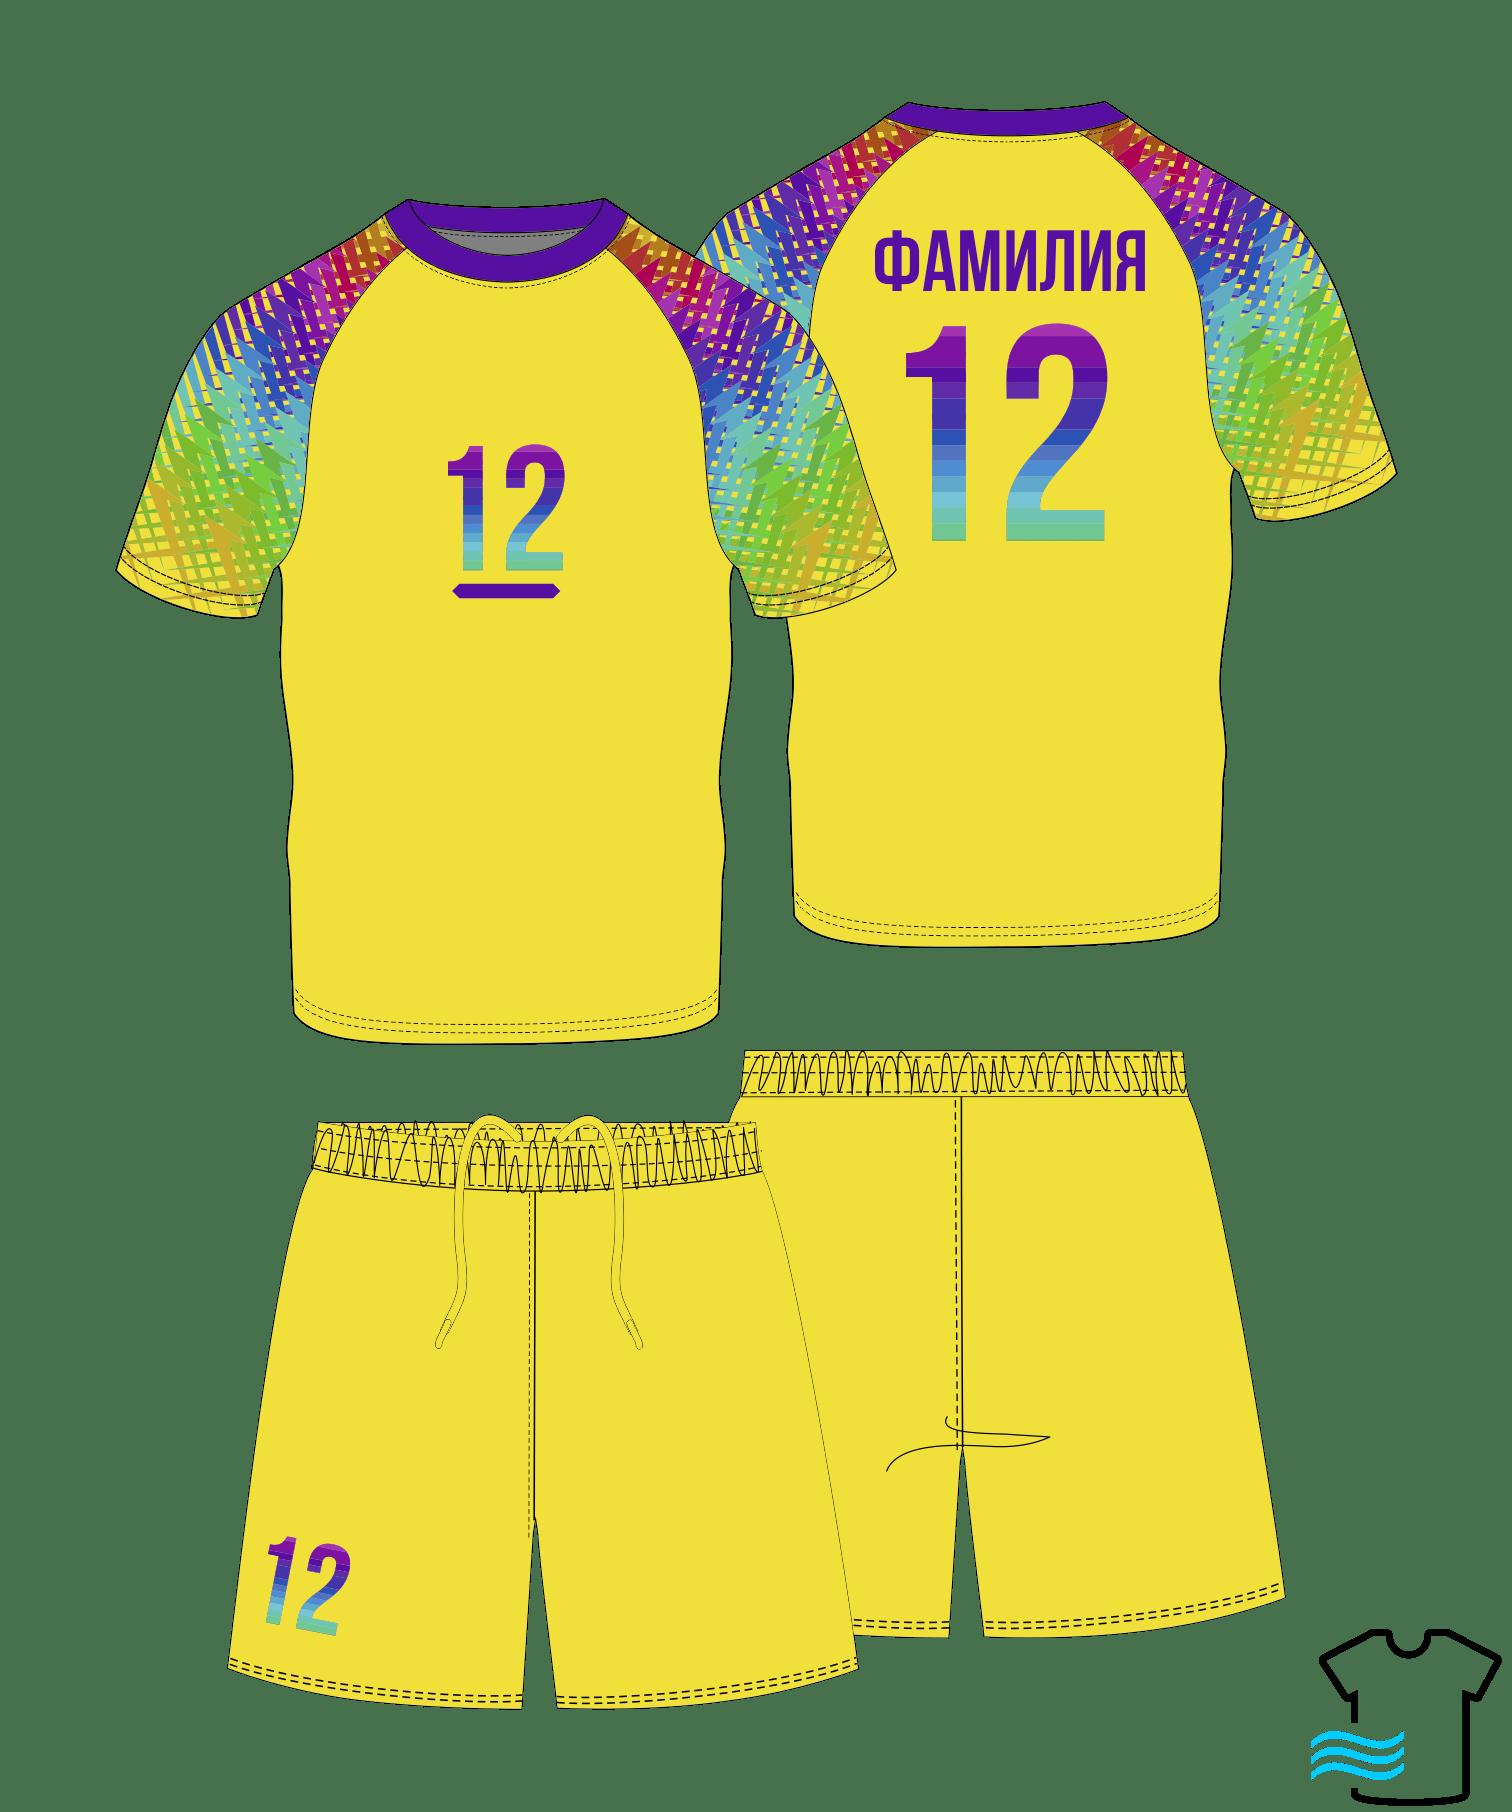 Цветы оптовым, футбольная форма для детей на заказ с фамилией и номером